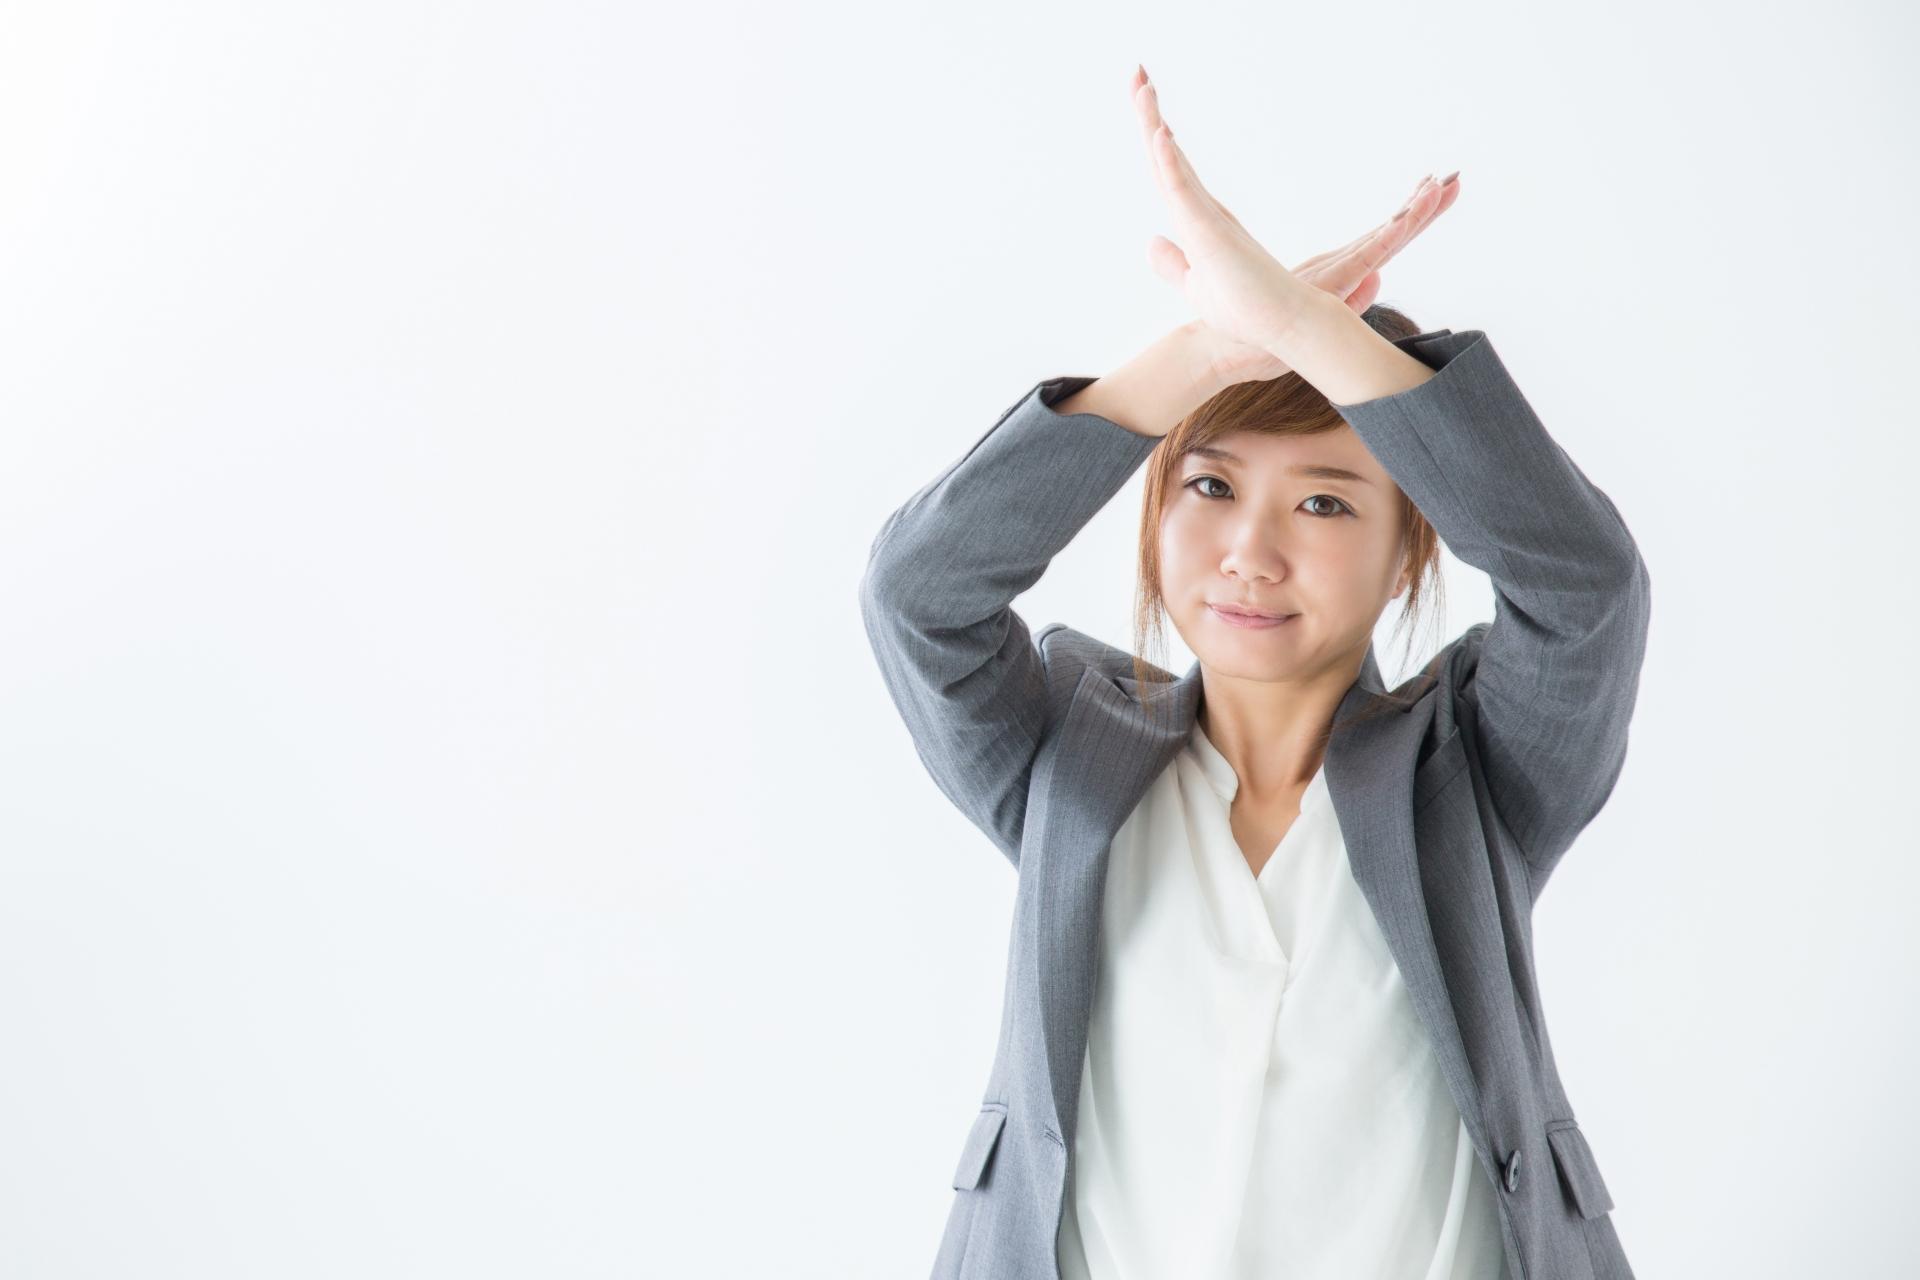 業者委託するべき理由と注意点